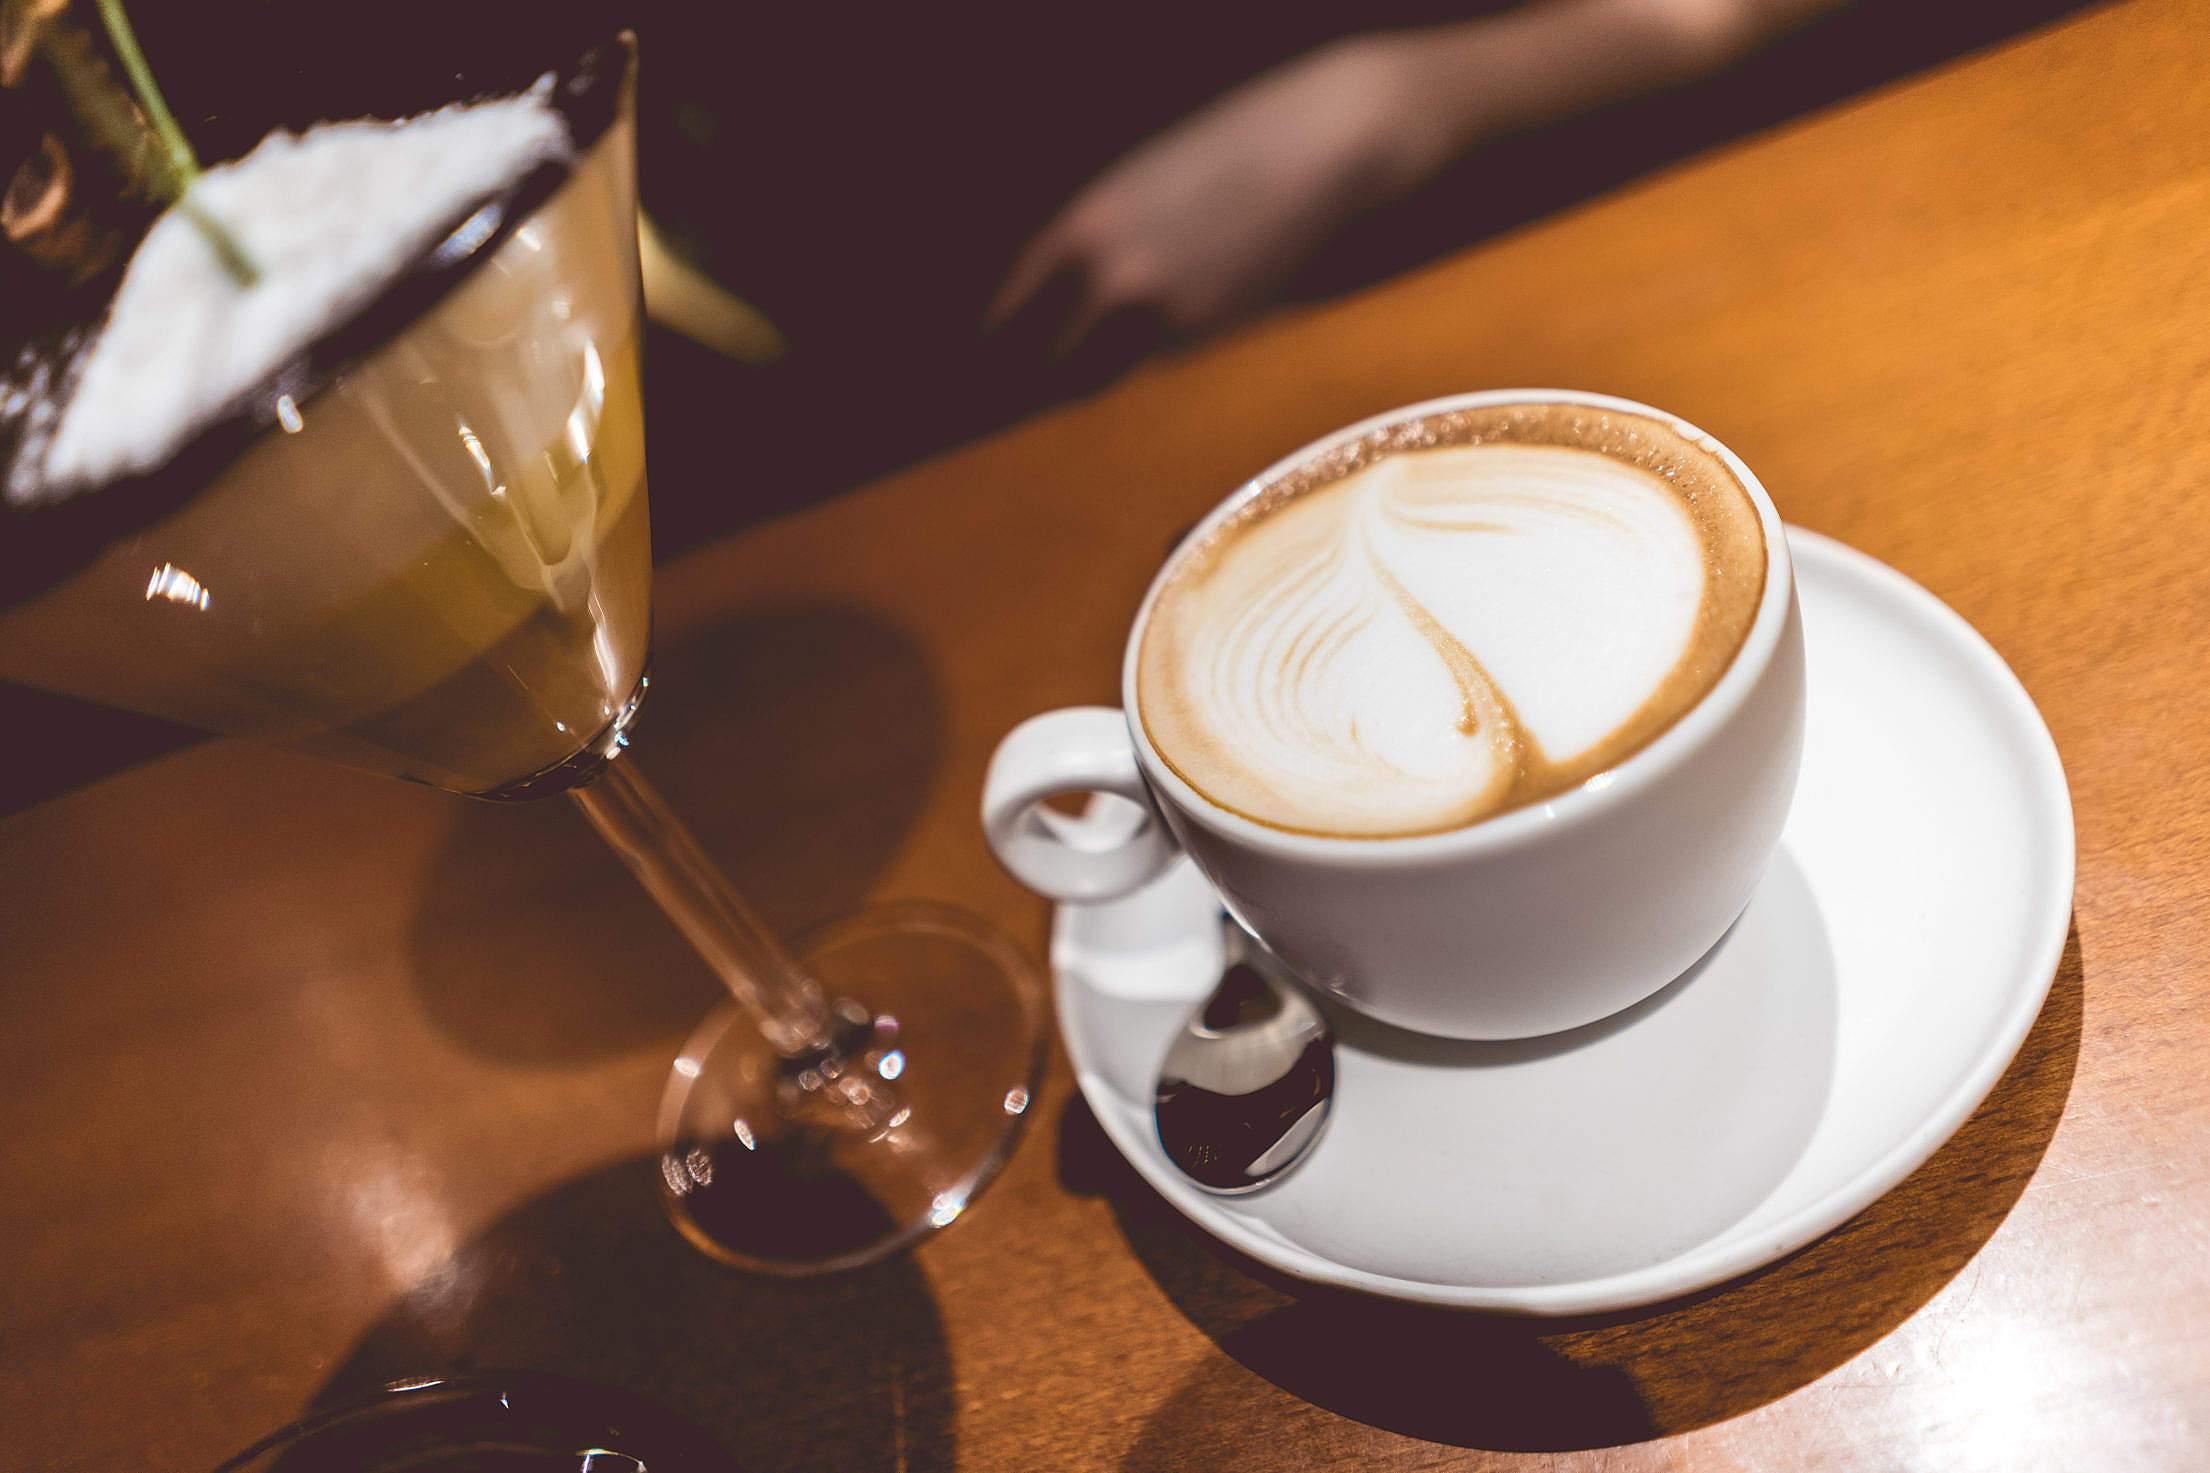 隨處都可以見到咖啡店的蹤跡,那是不是表示韓國人非常愛喝咖啡呢?